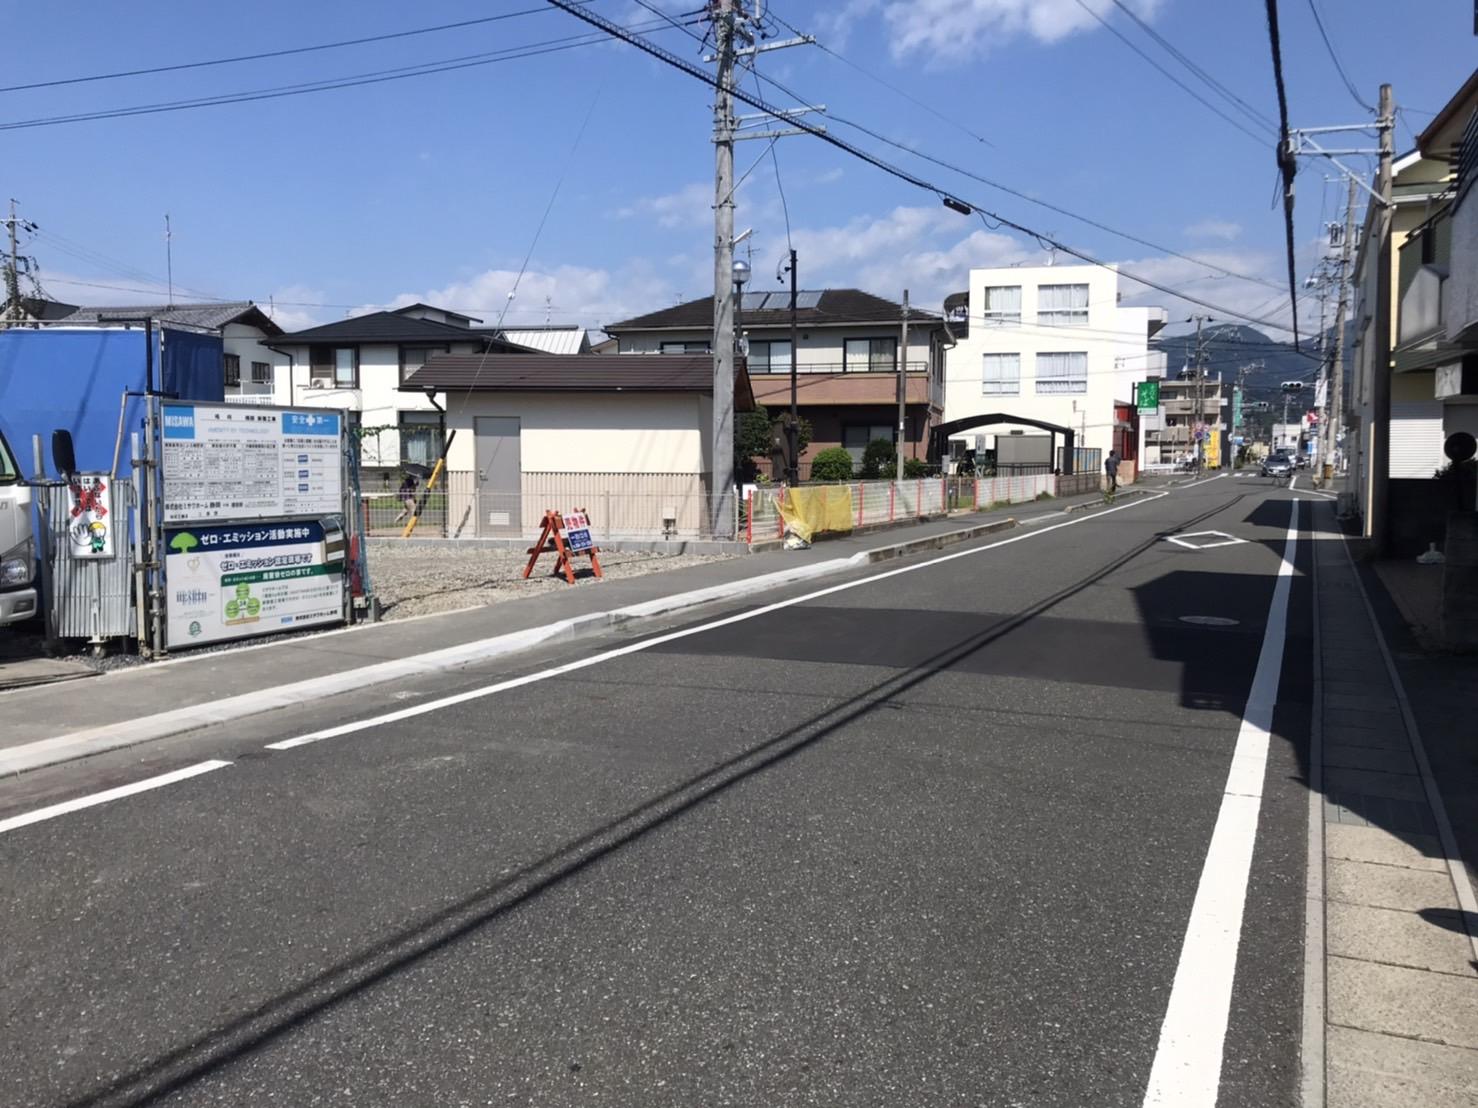 前面道路は幅員8mの生活道路です。分譲地側には歩道があります。